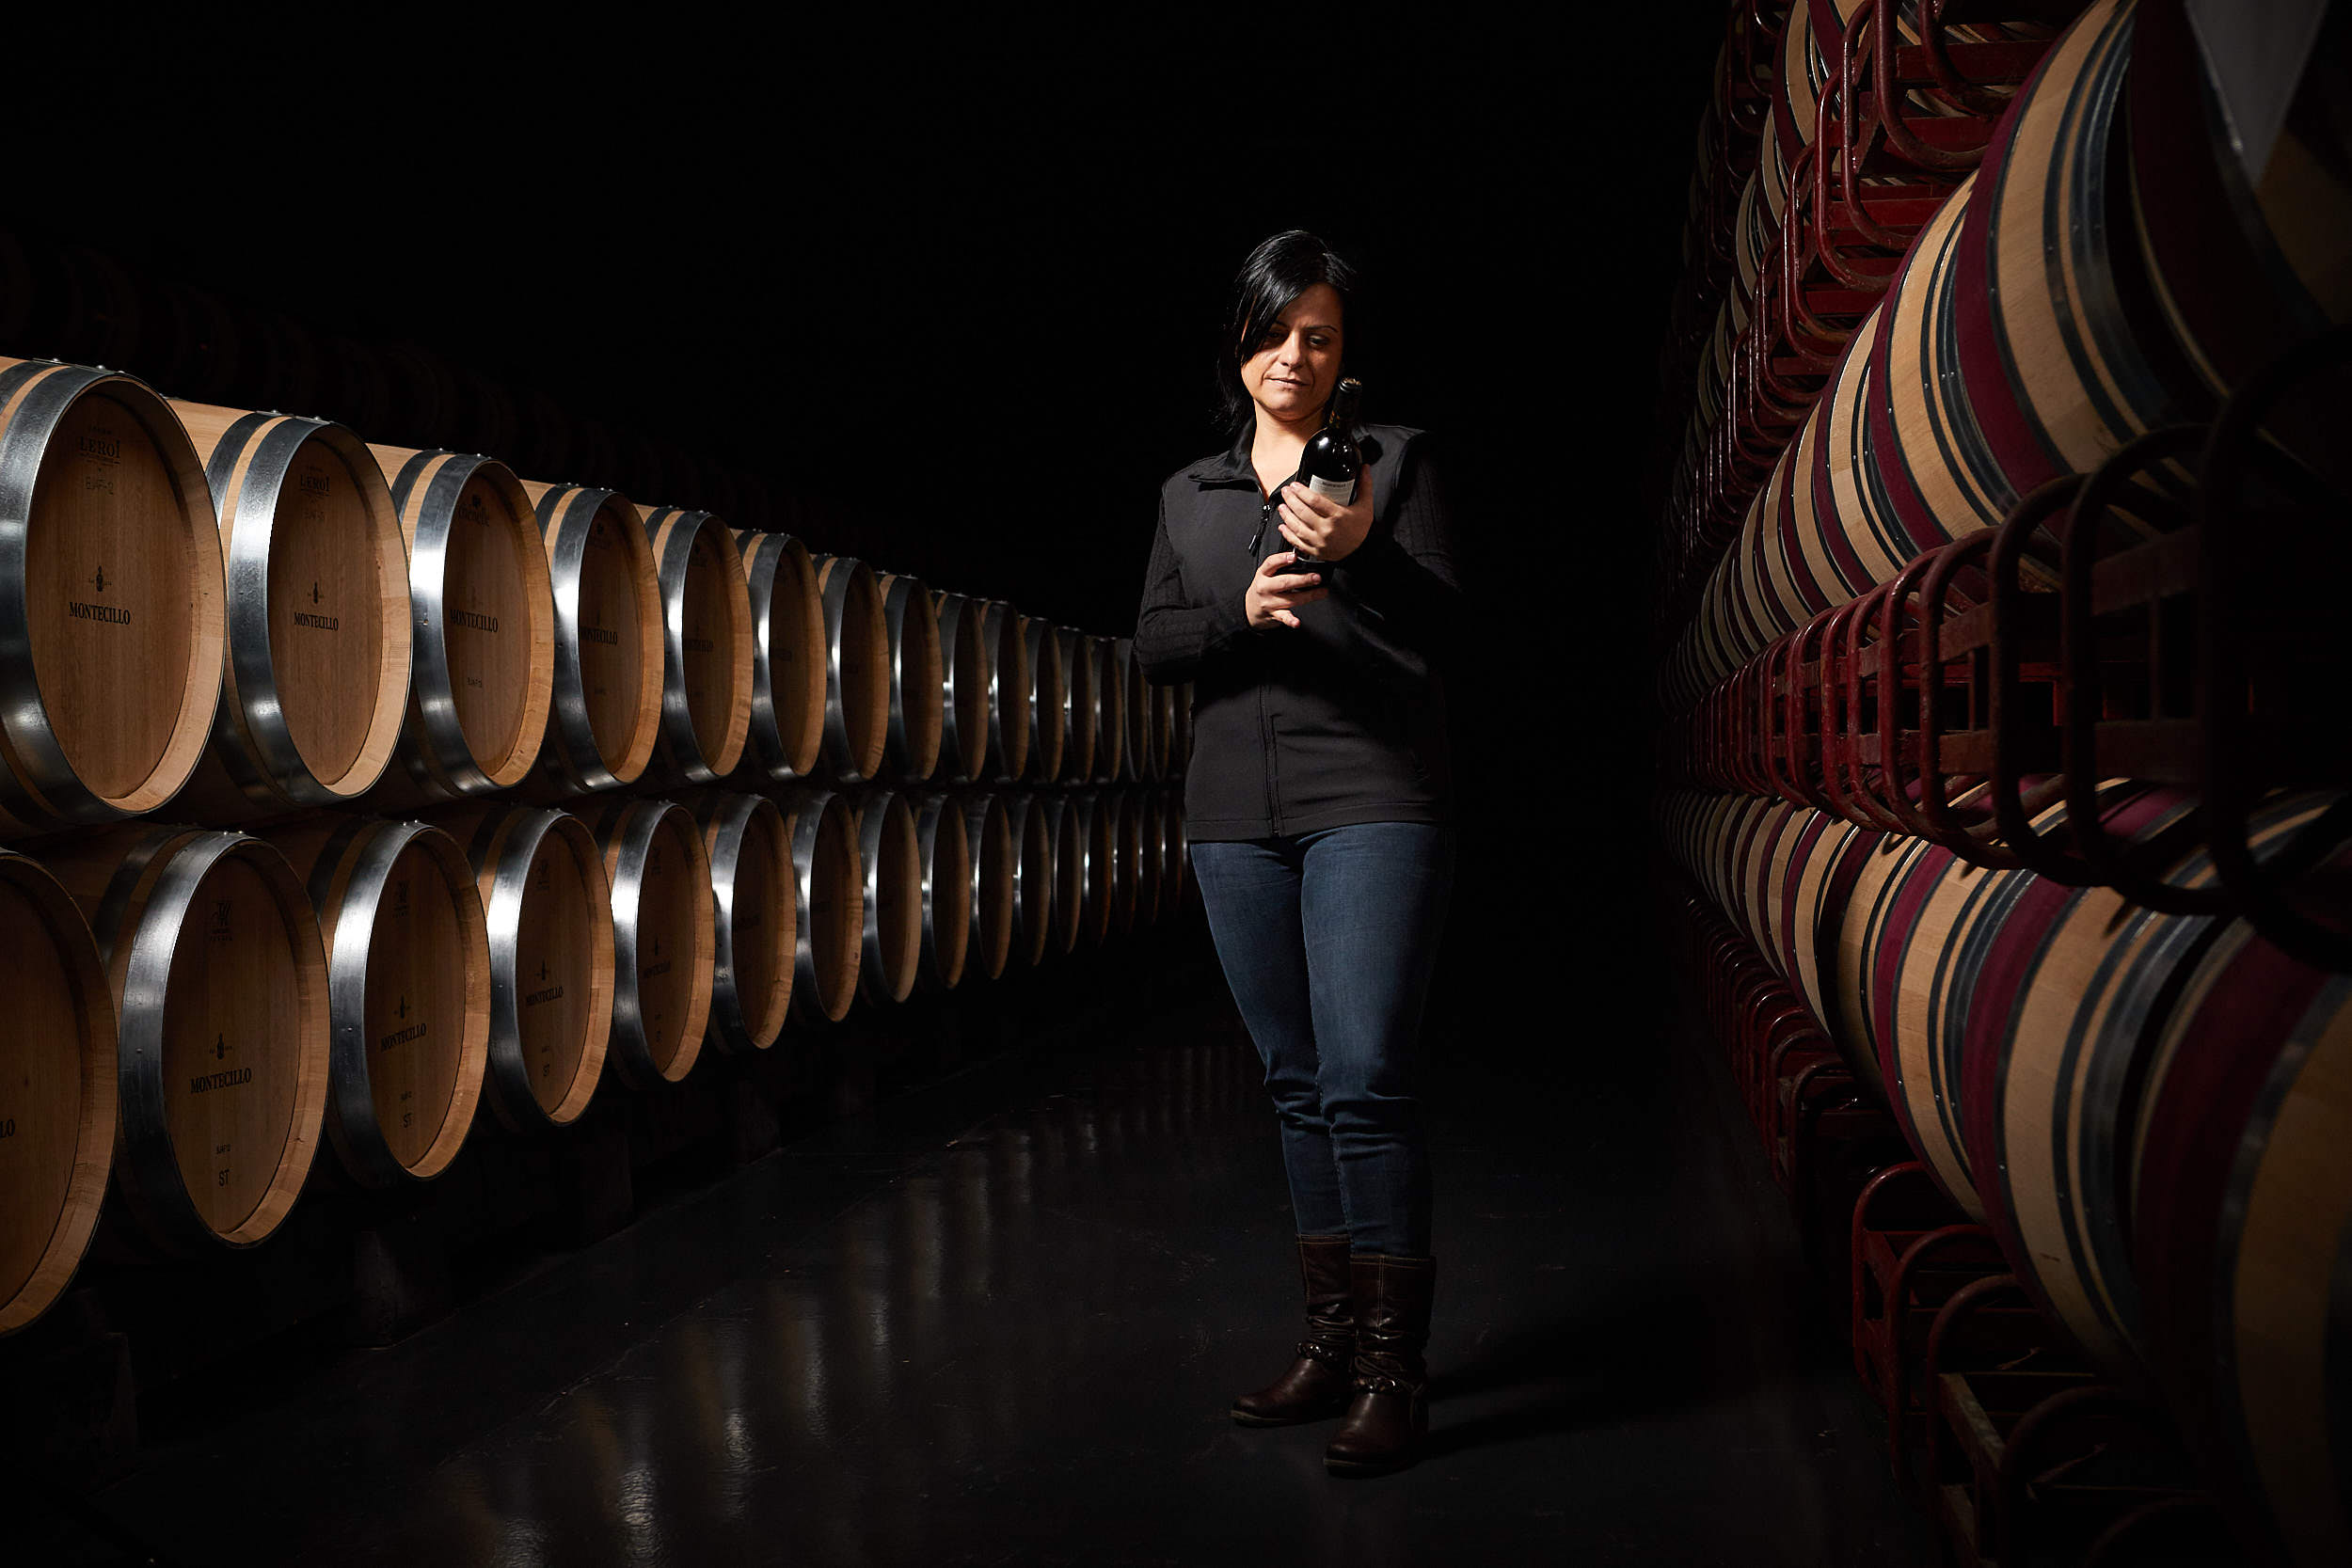 Fotografía Corporativa La Rioja - Bodegas Montecillo, Navarrete, La Rioja_James_Sturcke_sturcke.org